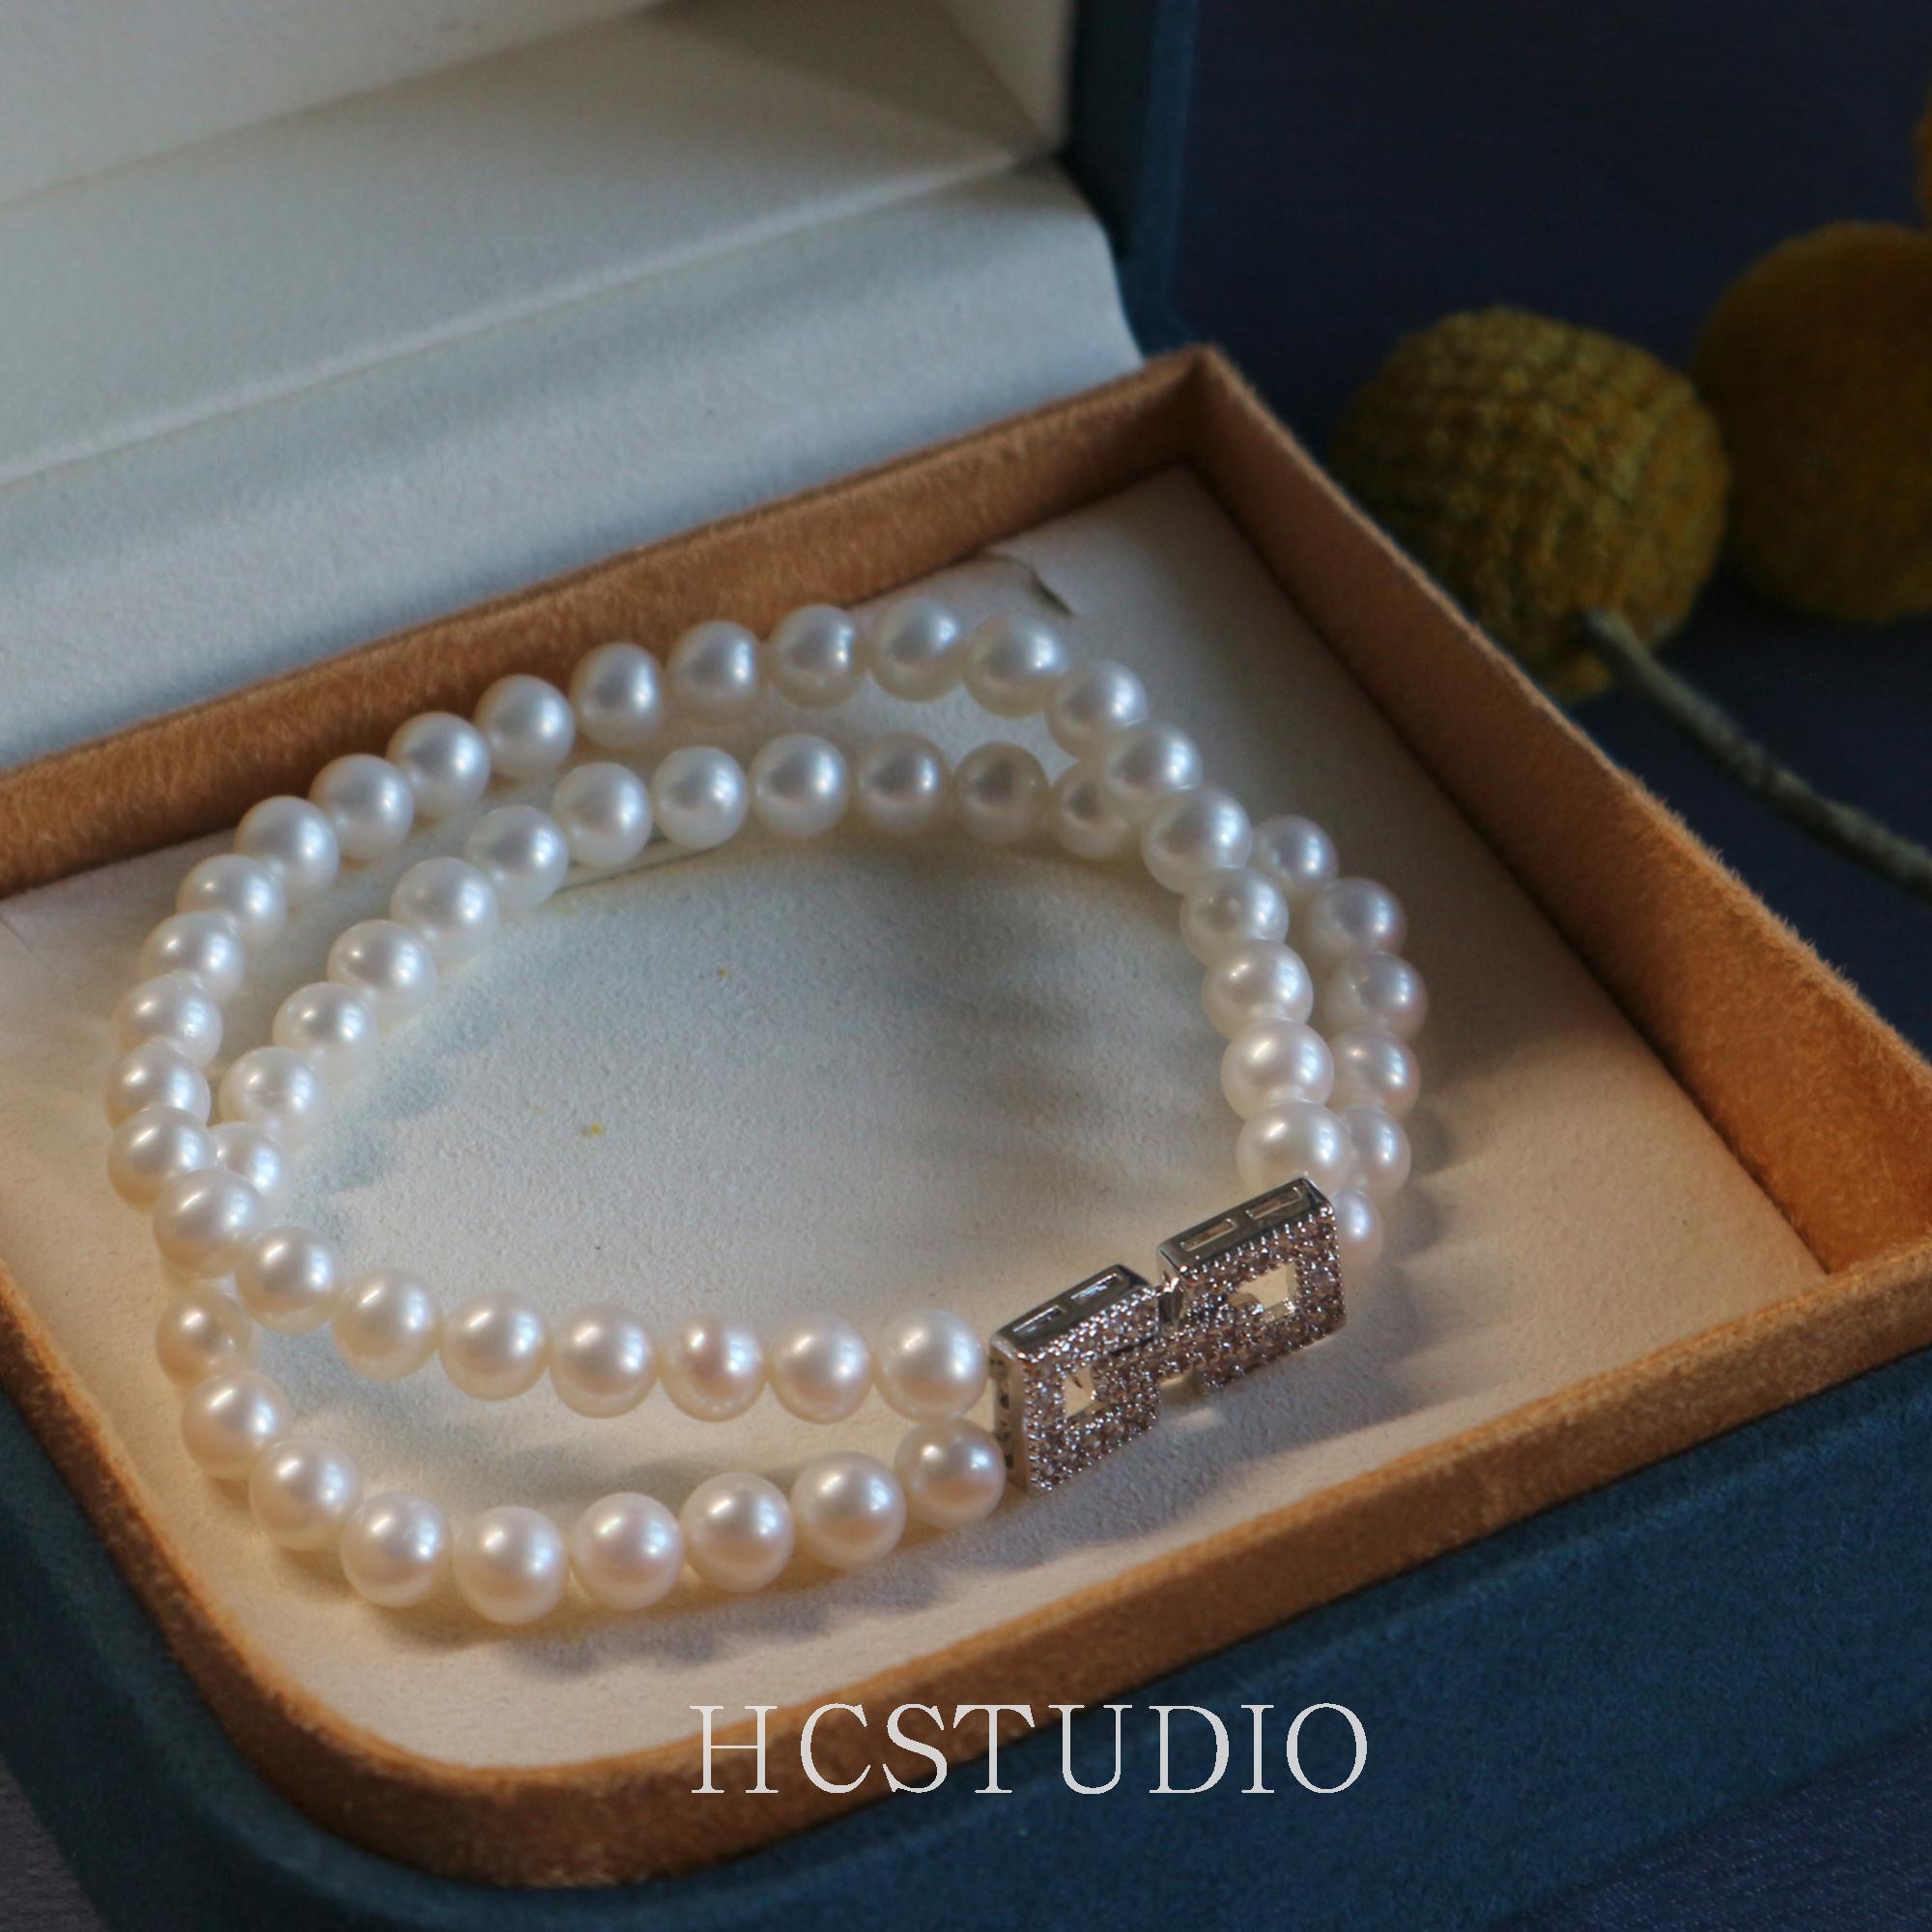 多层淡水珍珠手链女天然双层闺蜜二人款法式复古小众设计手串手镯